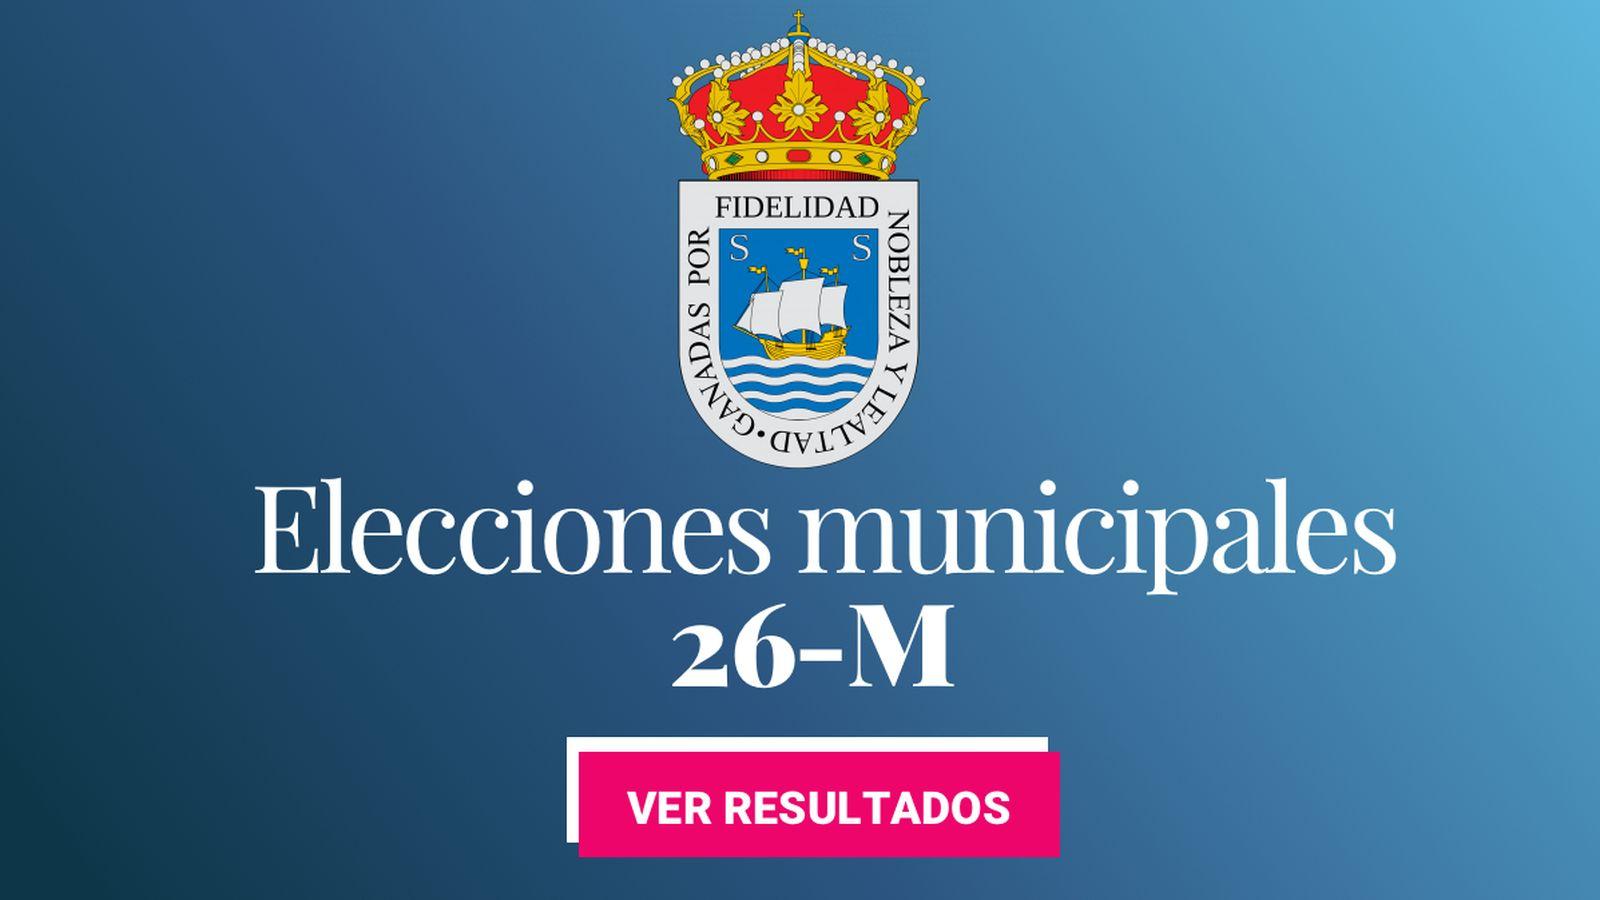 Foto: Elecciones municipales 2019 en San Sebastián. (C.C./EC)